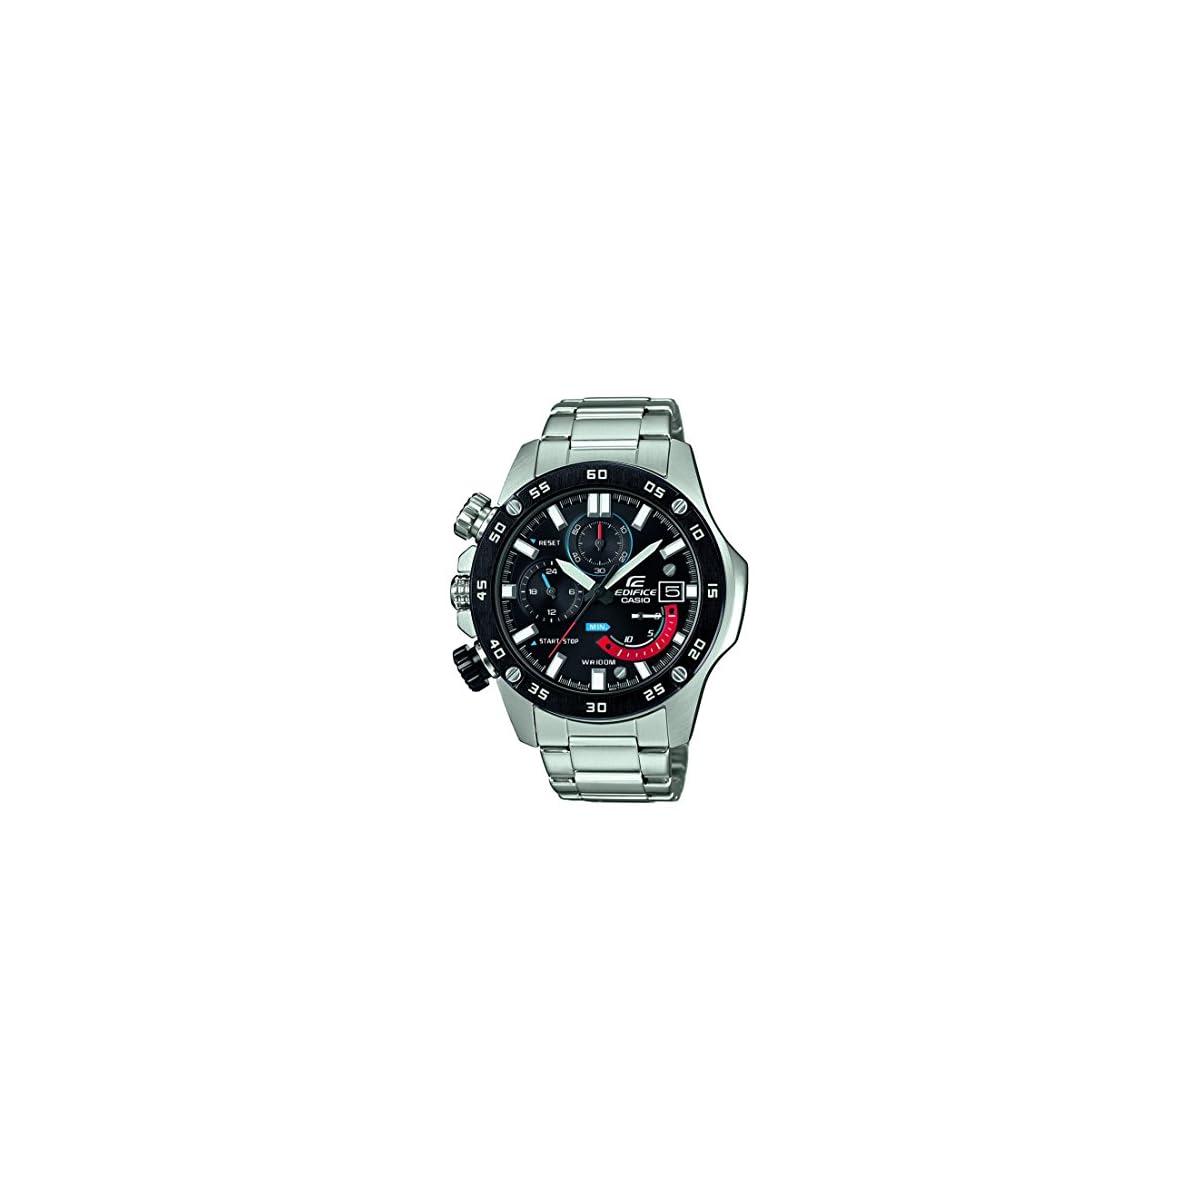 51AxJdtqKBL. SS1200  - Casio Reloj Cronógrafo para Hombre de Cuarzo con Correa en Acero Inoxidable EFR-558DB-1AVUEF